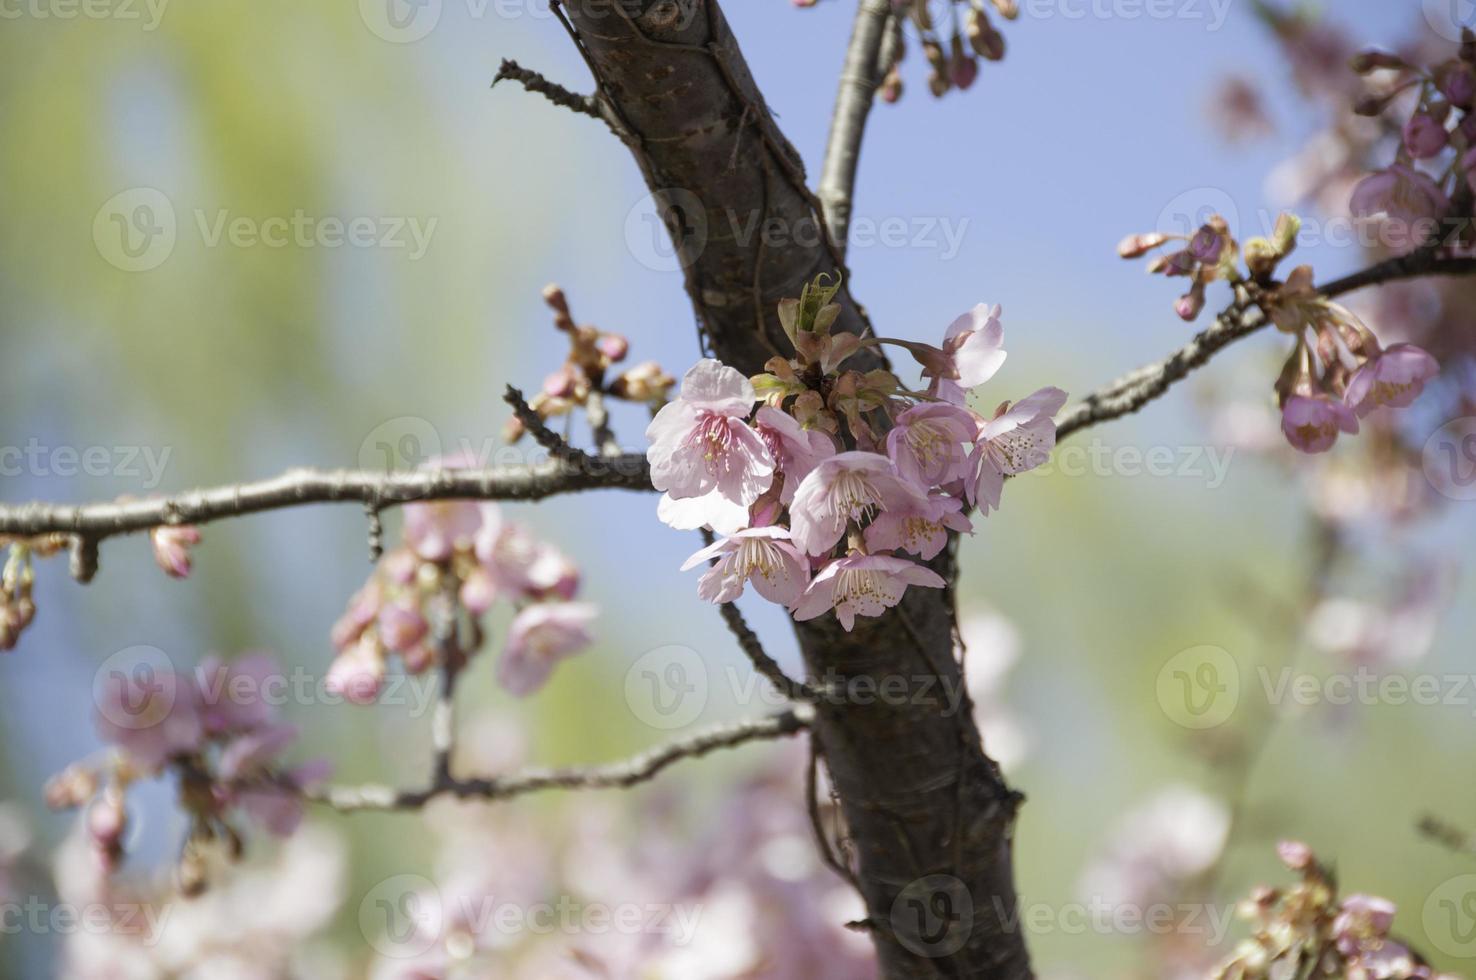 fermer les fleurs de cerisier contre le ciel photo